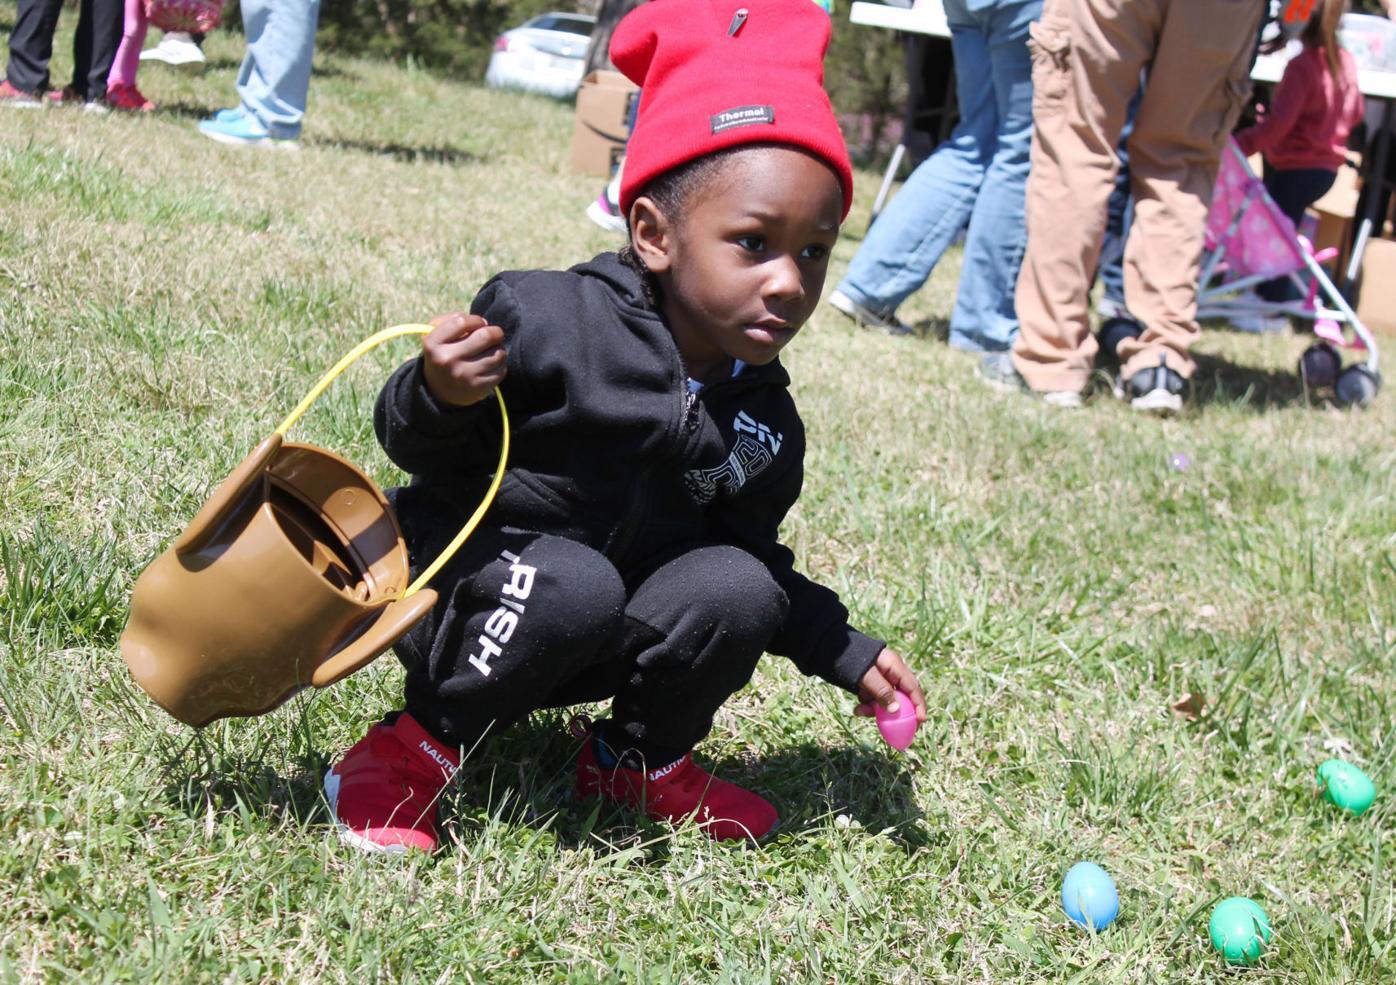 Easter egg hunts a family delight